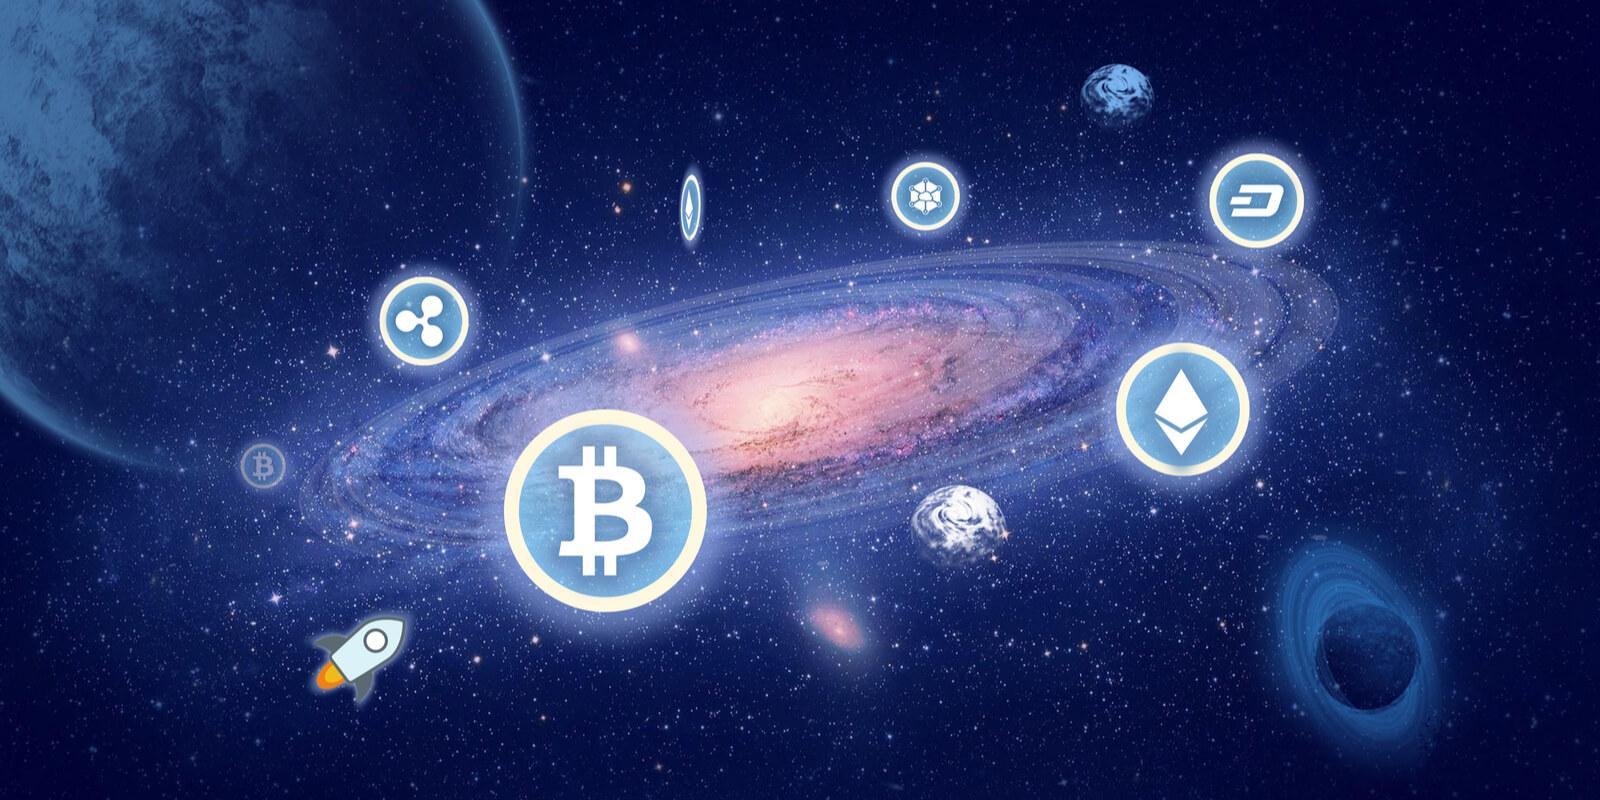 Bitcoin : la crypto-monnaie peut-elle fonctionner sans Internet ?